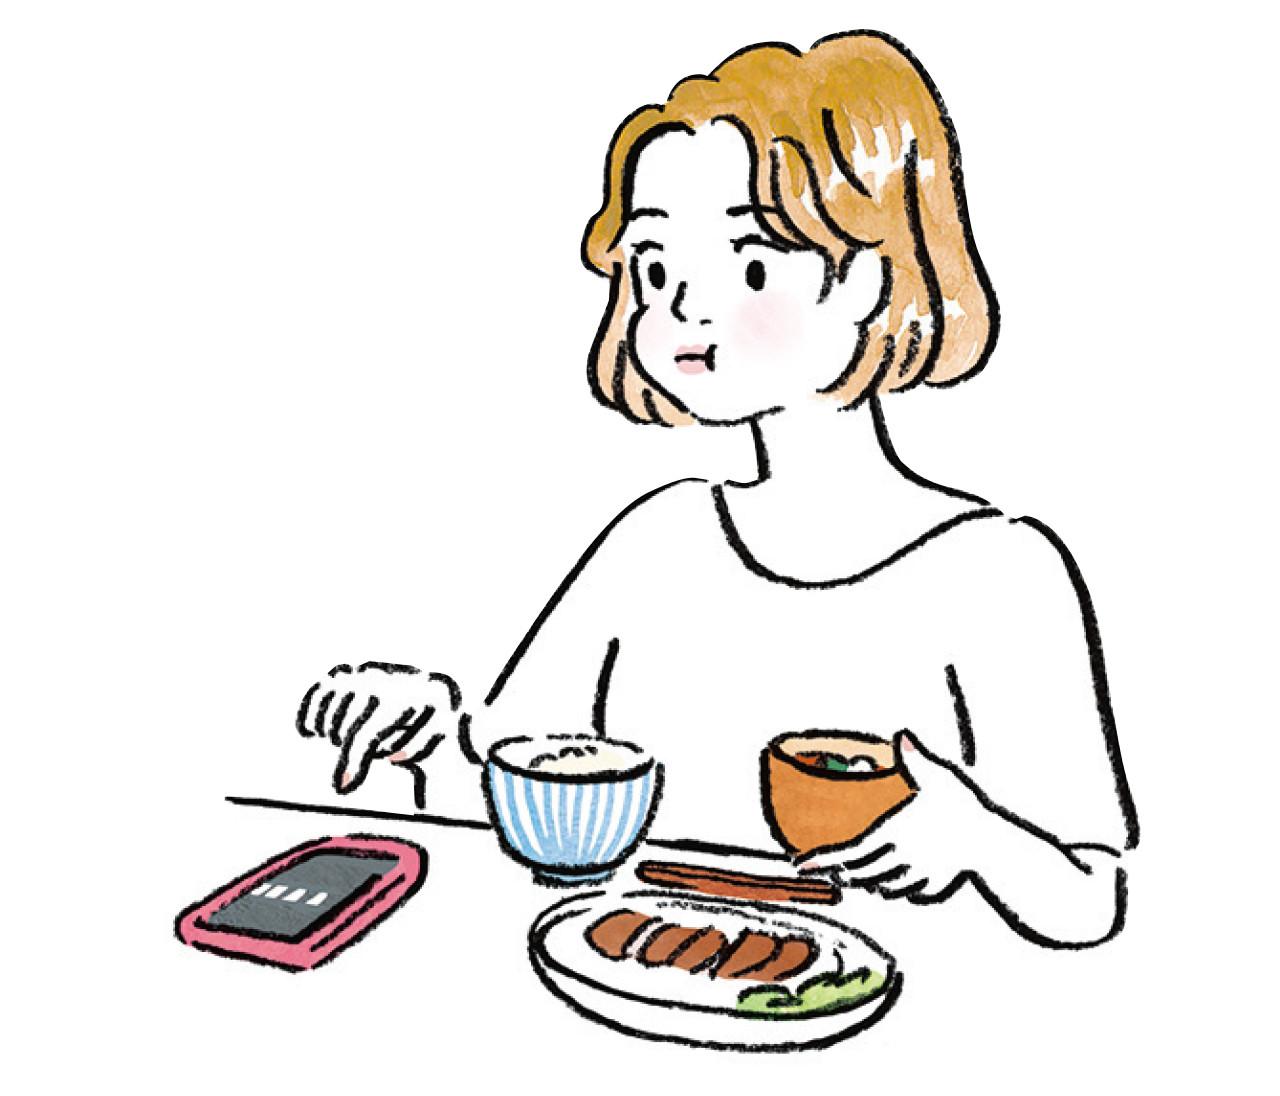 【デブ腸からやせ腸になる方法3】赤ワインよりビールってホント!? 明日からすぐできる3つの食習慣